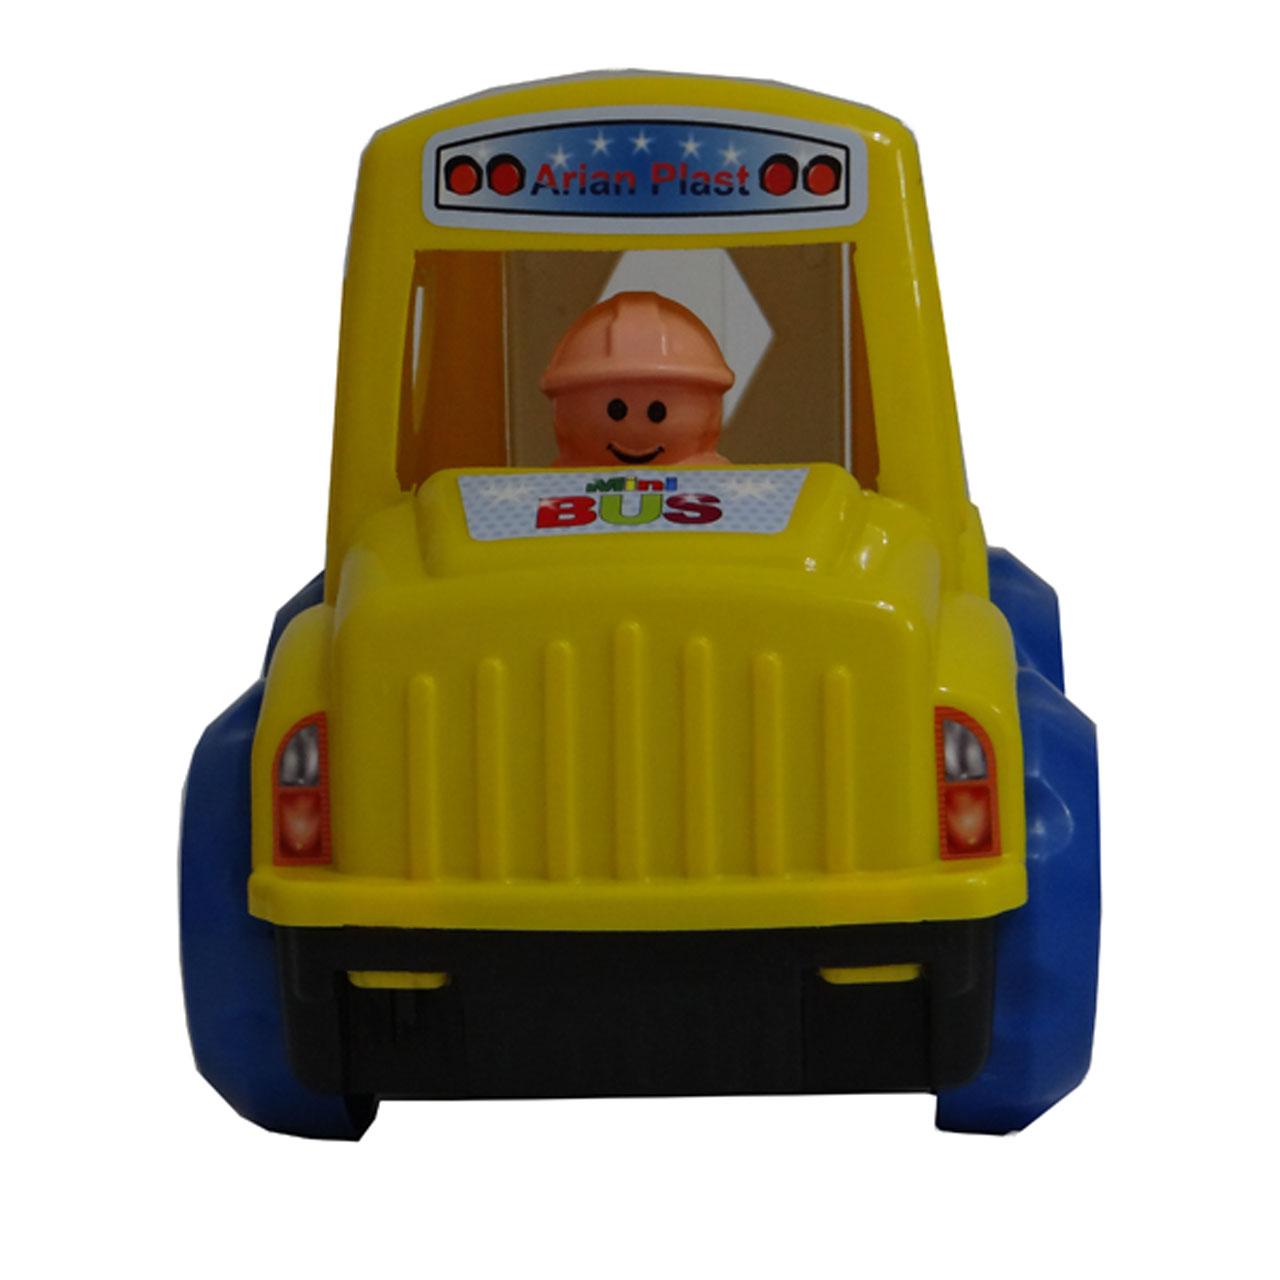 ماشین بازی آرین پلاست مدل اتوبوس اشکال کد02